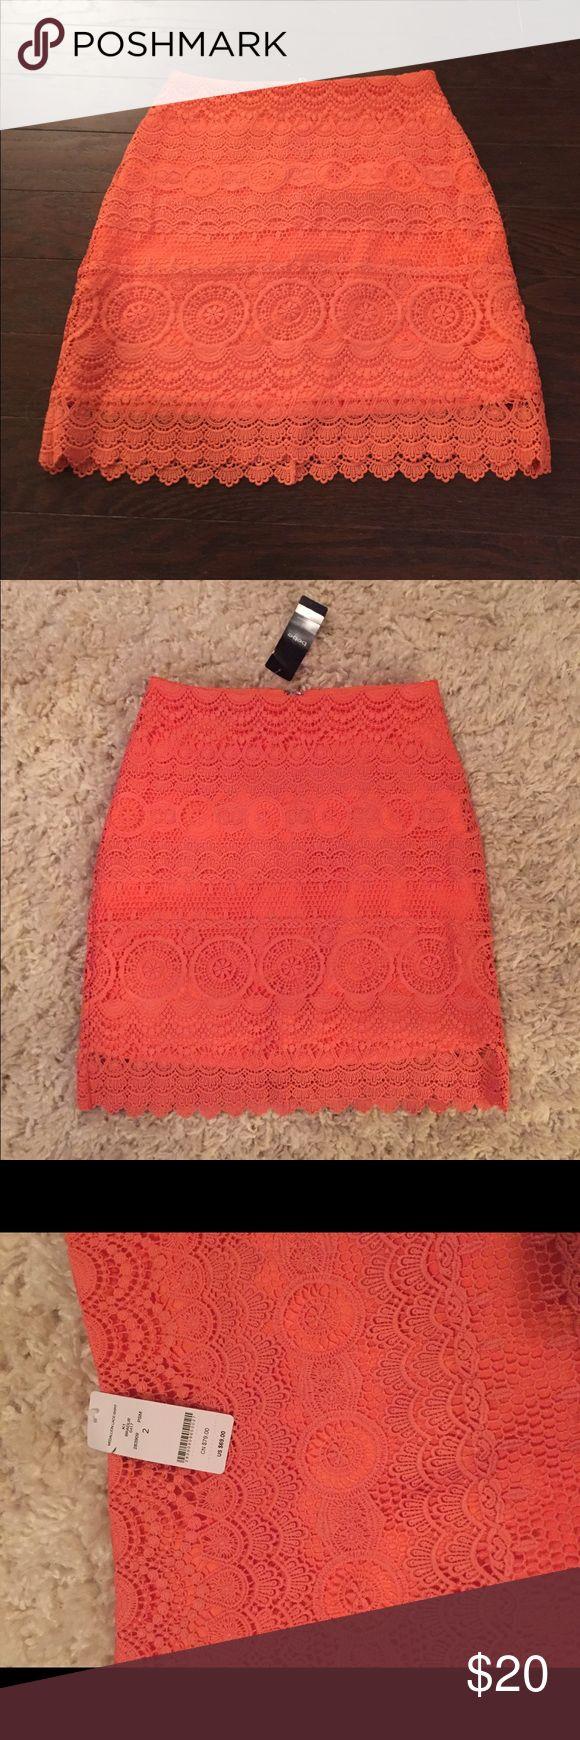 Bebe Mini Skirt Orange Size 2 Bebe miniskirt Size 2 Orange with zipper up the back  'Medallion Lace Skirt' Lace overlay bebe Skirts Mini